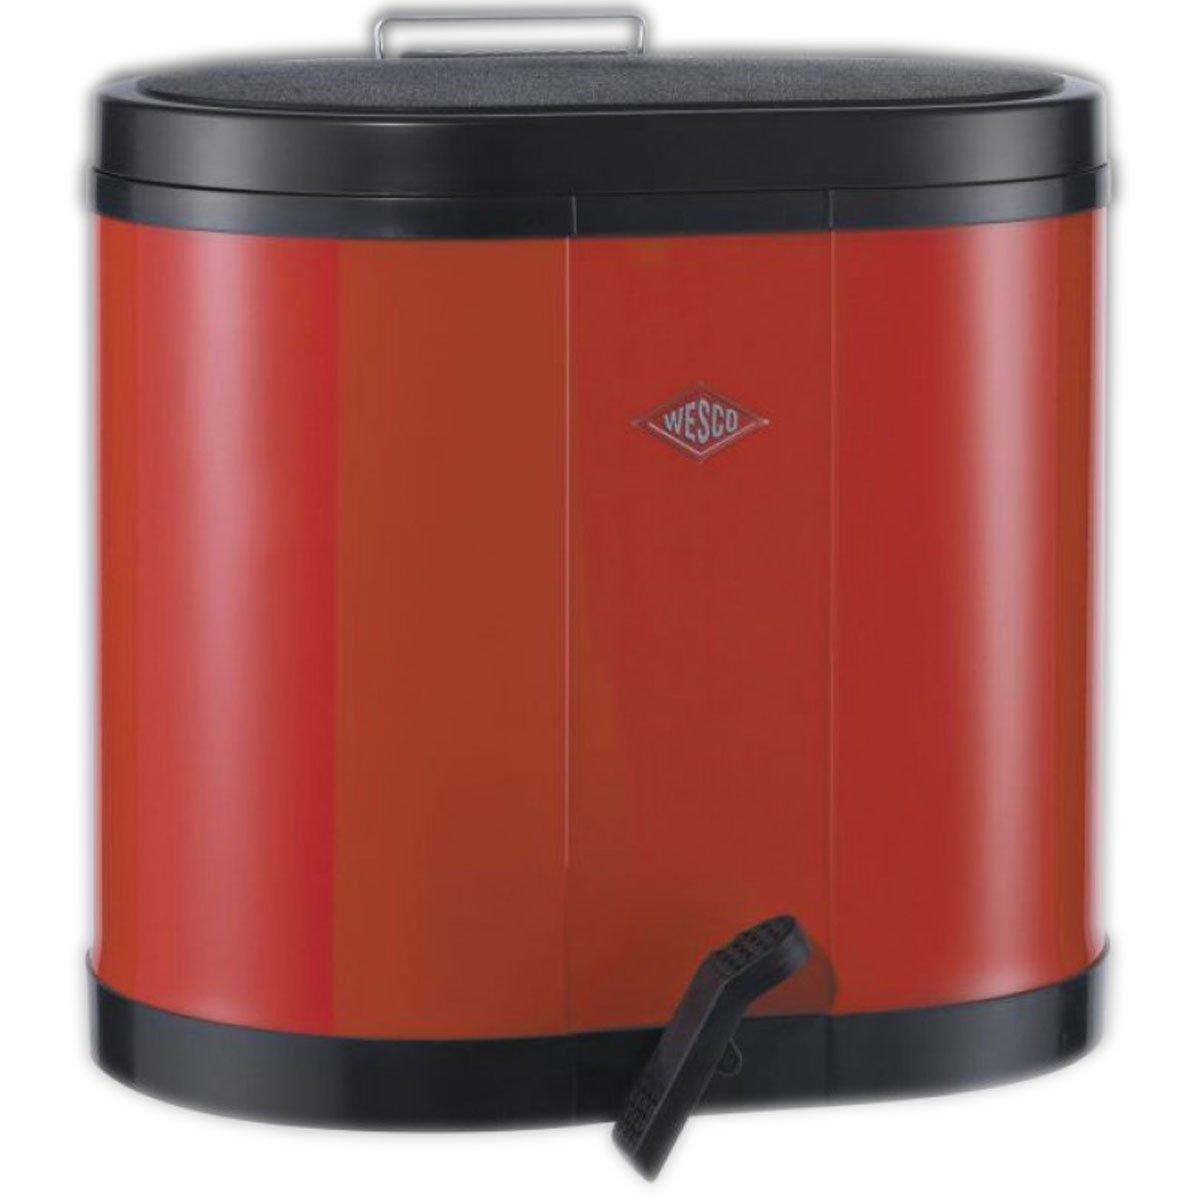 Abfallbehälter Für Die Küche: Abfallbehälter Abfalleimer